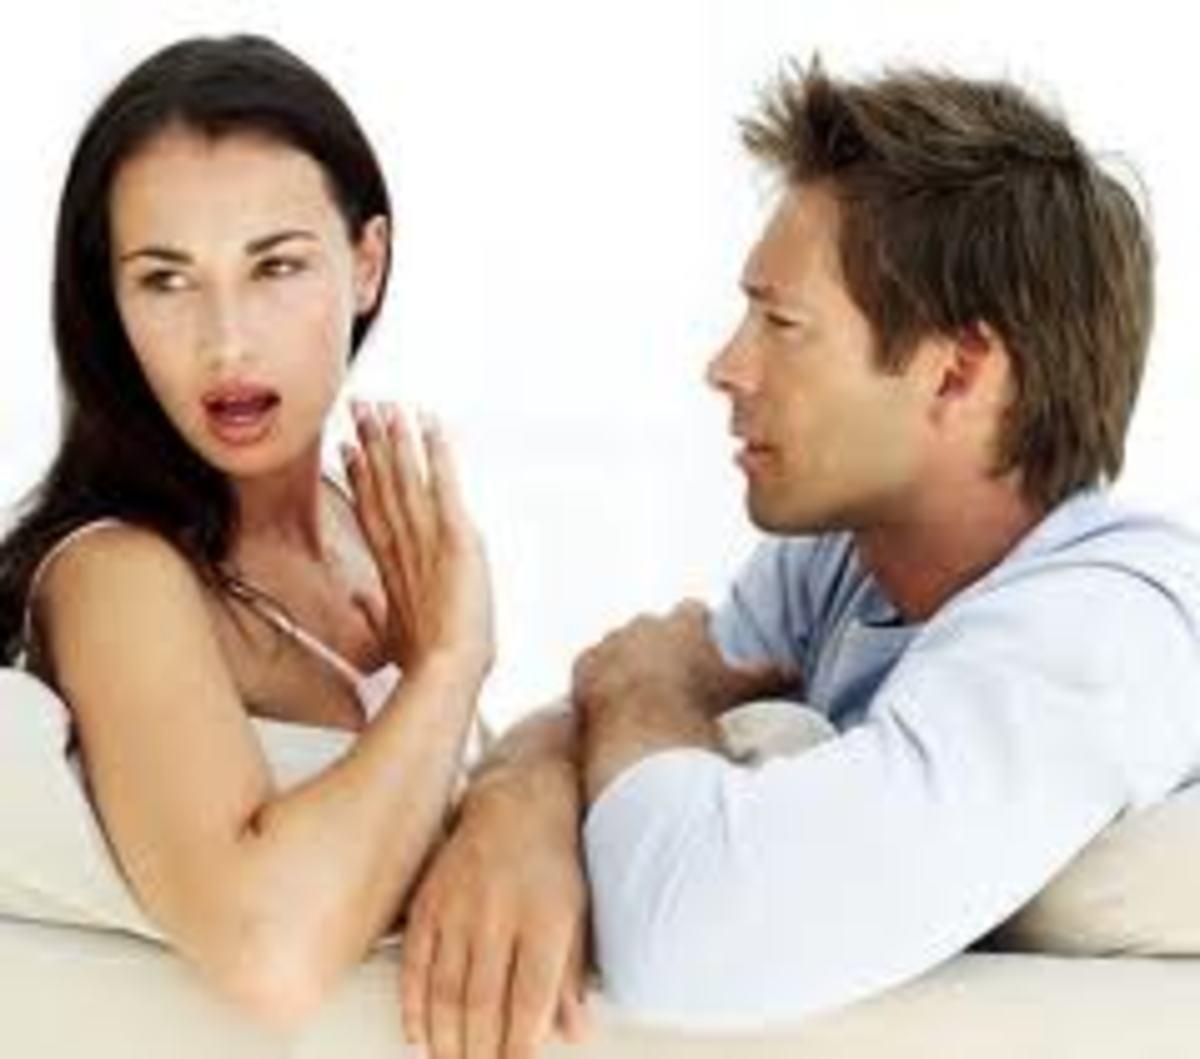 Ρόδος:Του απαγόρευσαν να της μιλάει και να της στέλνει μηνύματα!   Newsit.gr